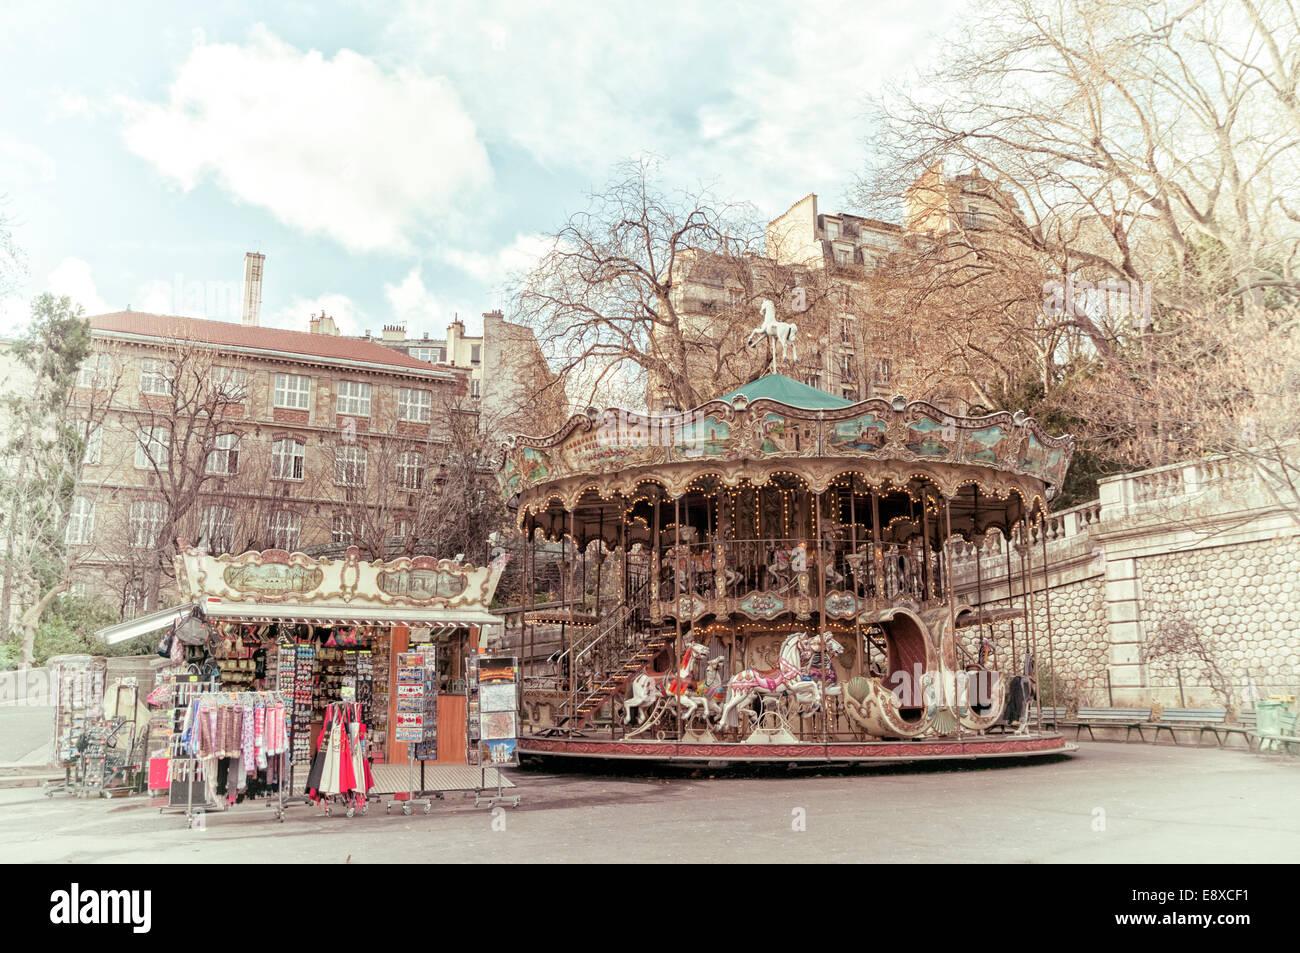 Antica giostra a Parigi Immagini Stock